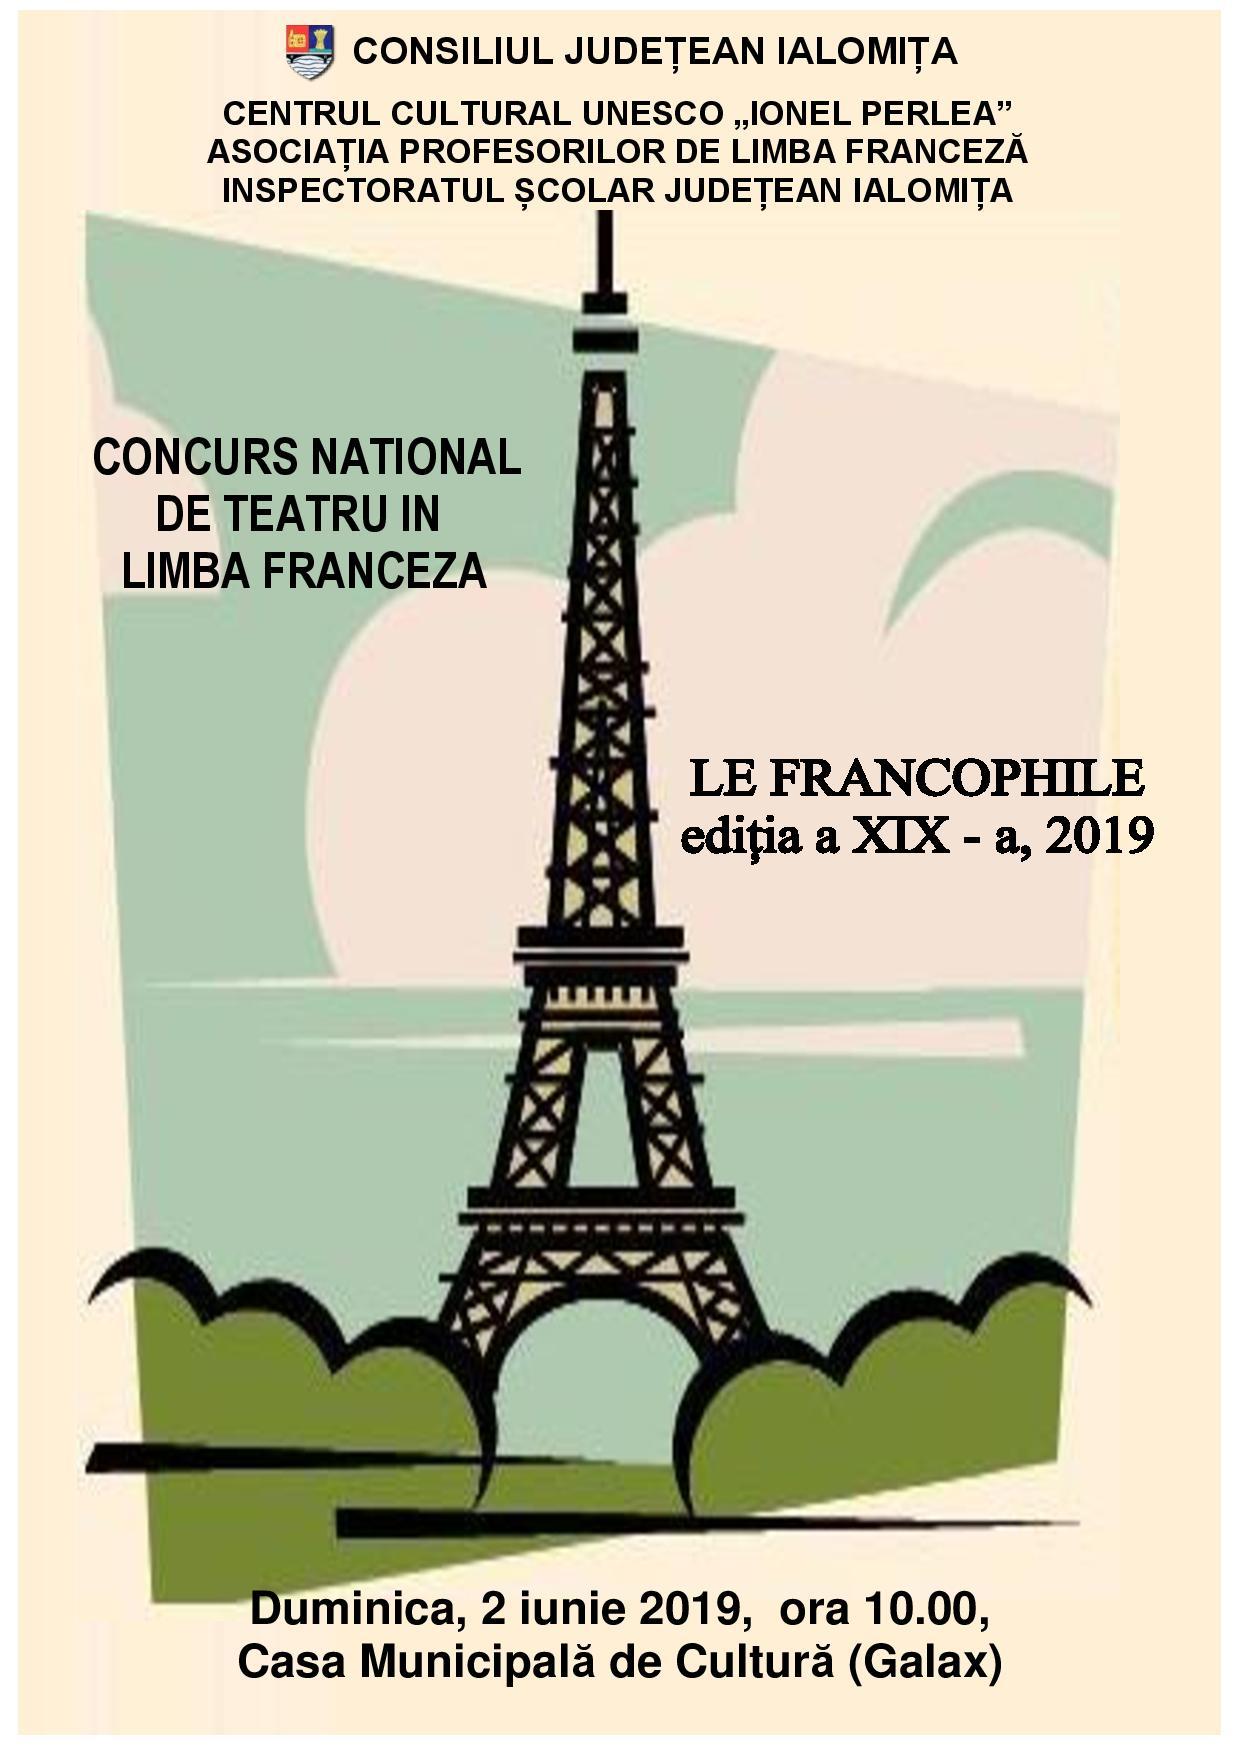 Concurs de teatru în limba franceză, 2 iunie 2019, ora 10.00, Casa Municipală de Cultură (Galax)